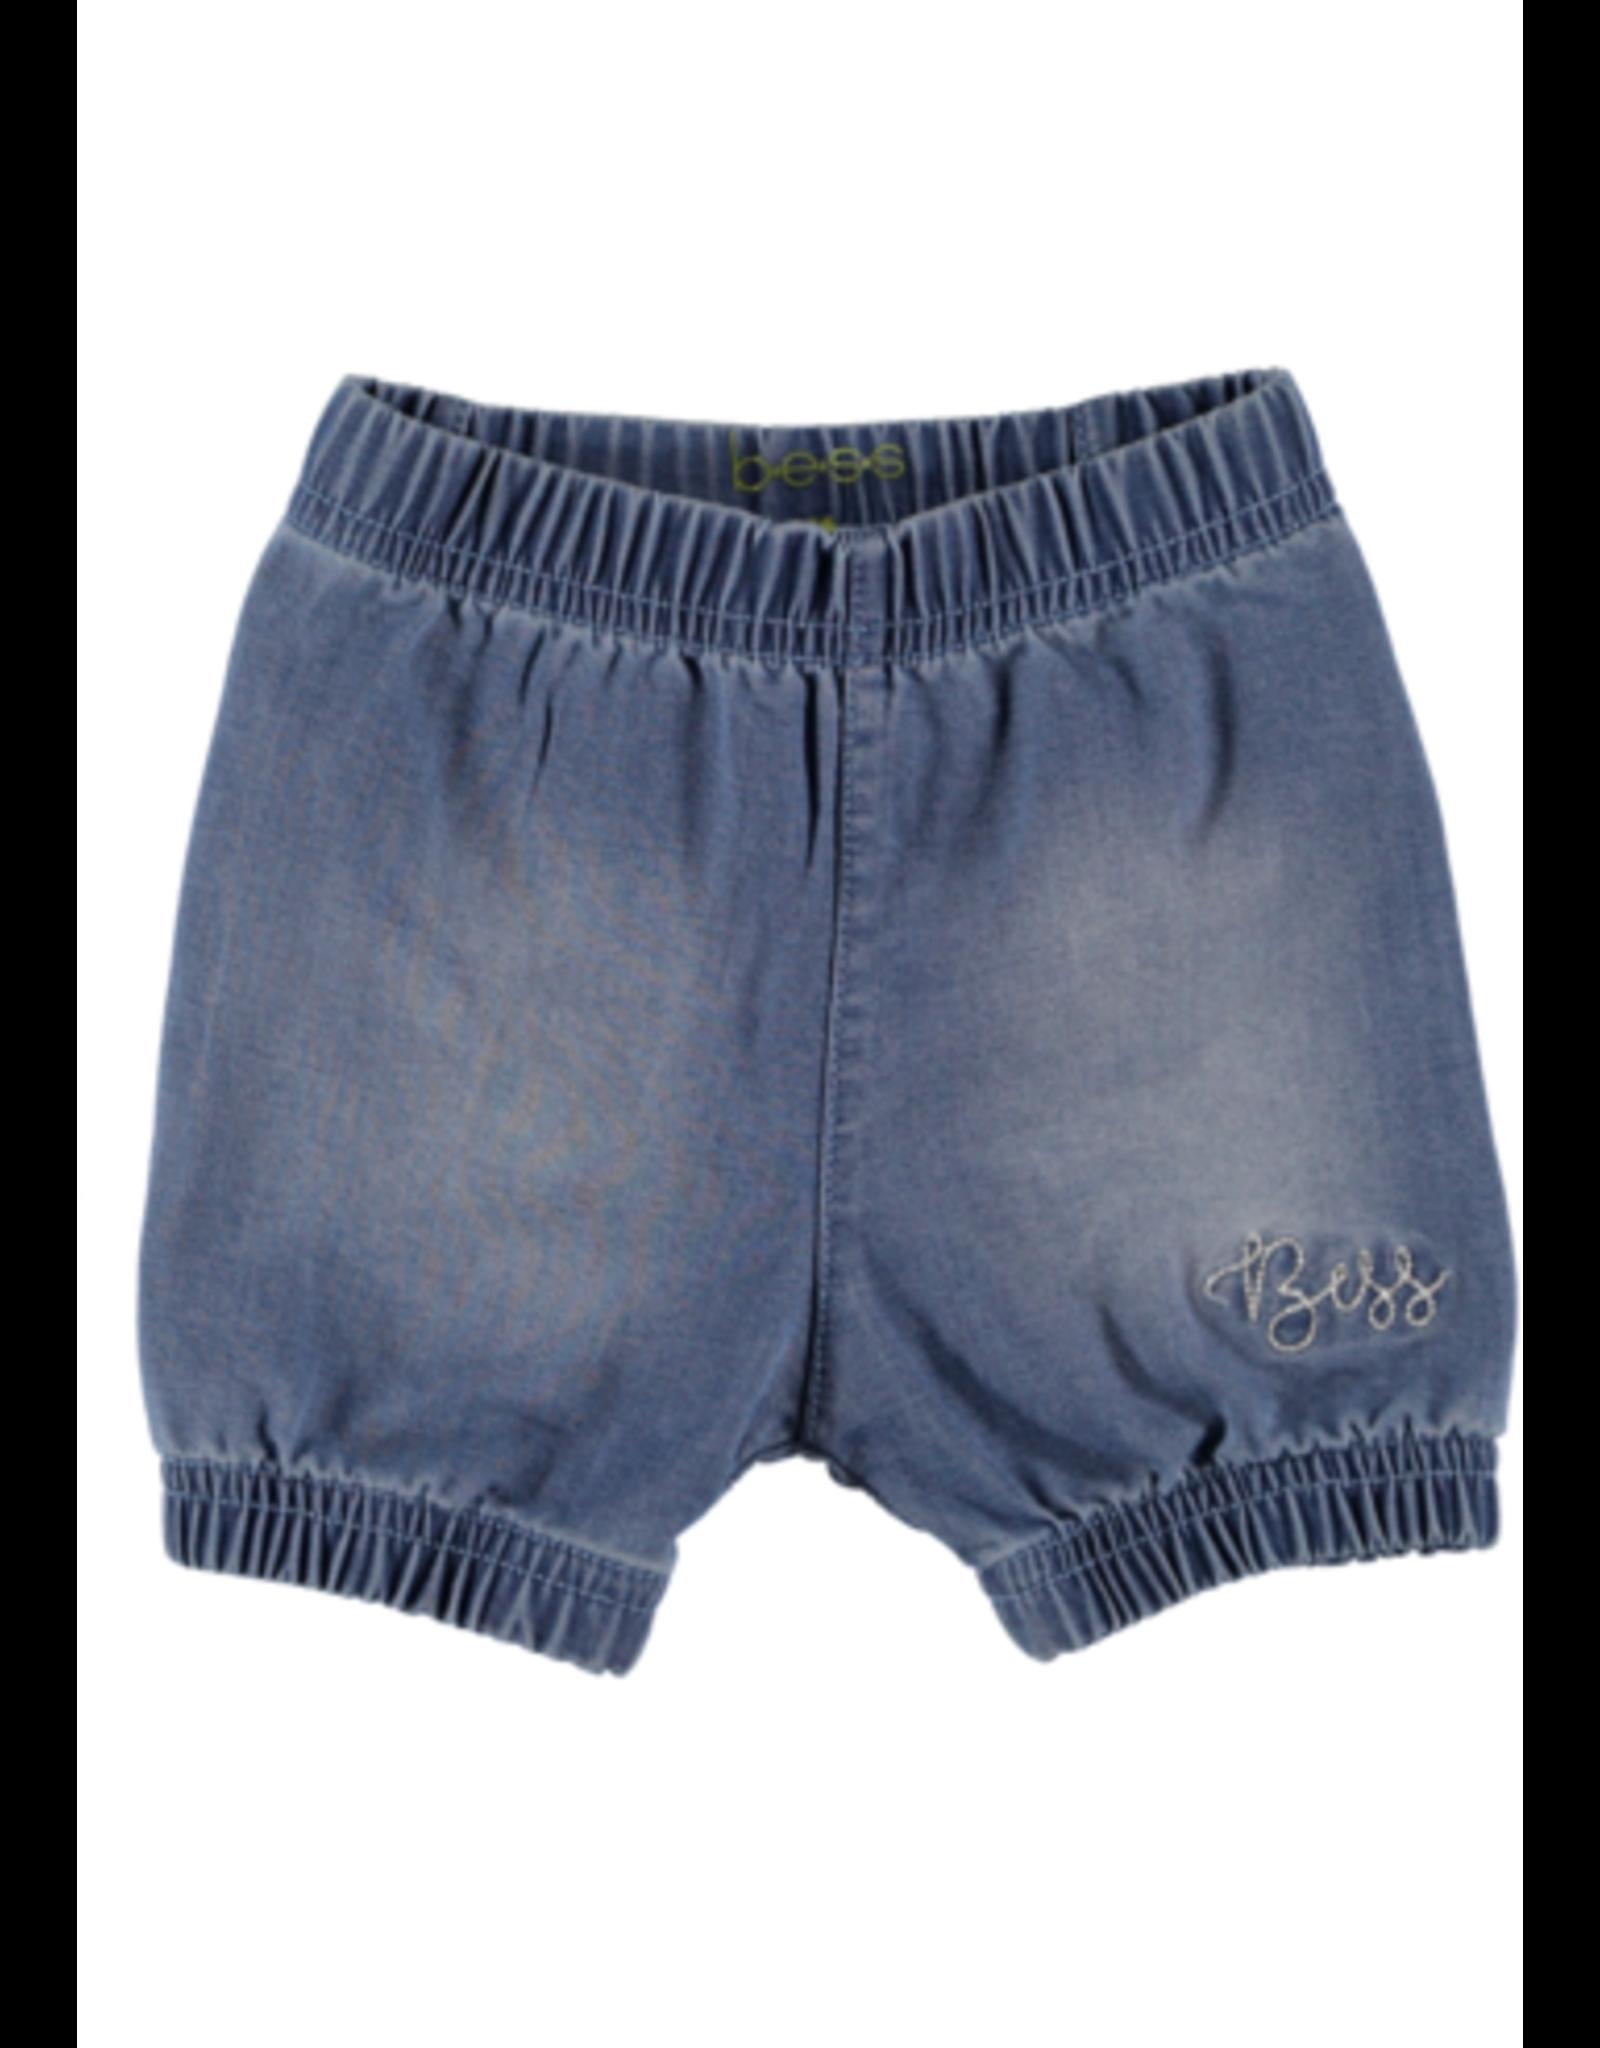 BESS Bess Shorts Denim Ruffles Light wash